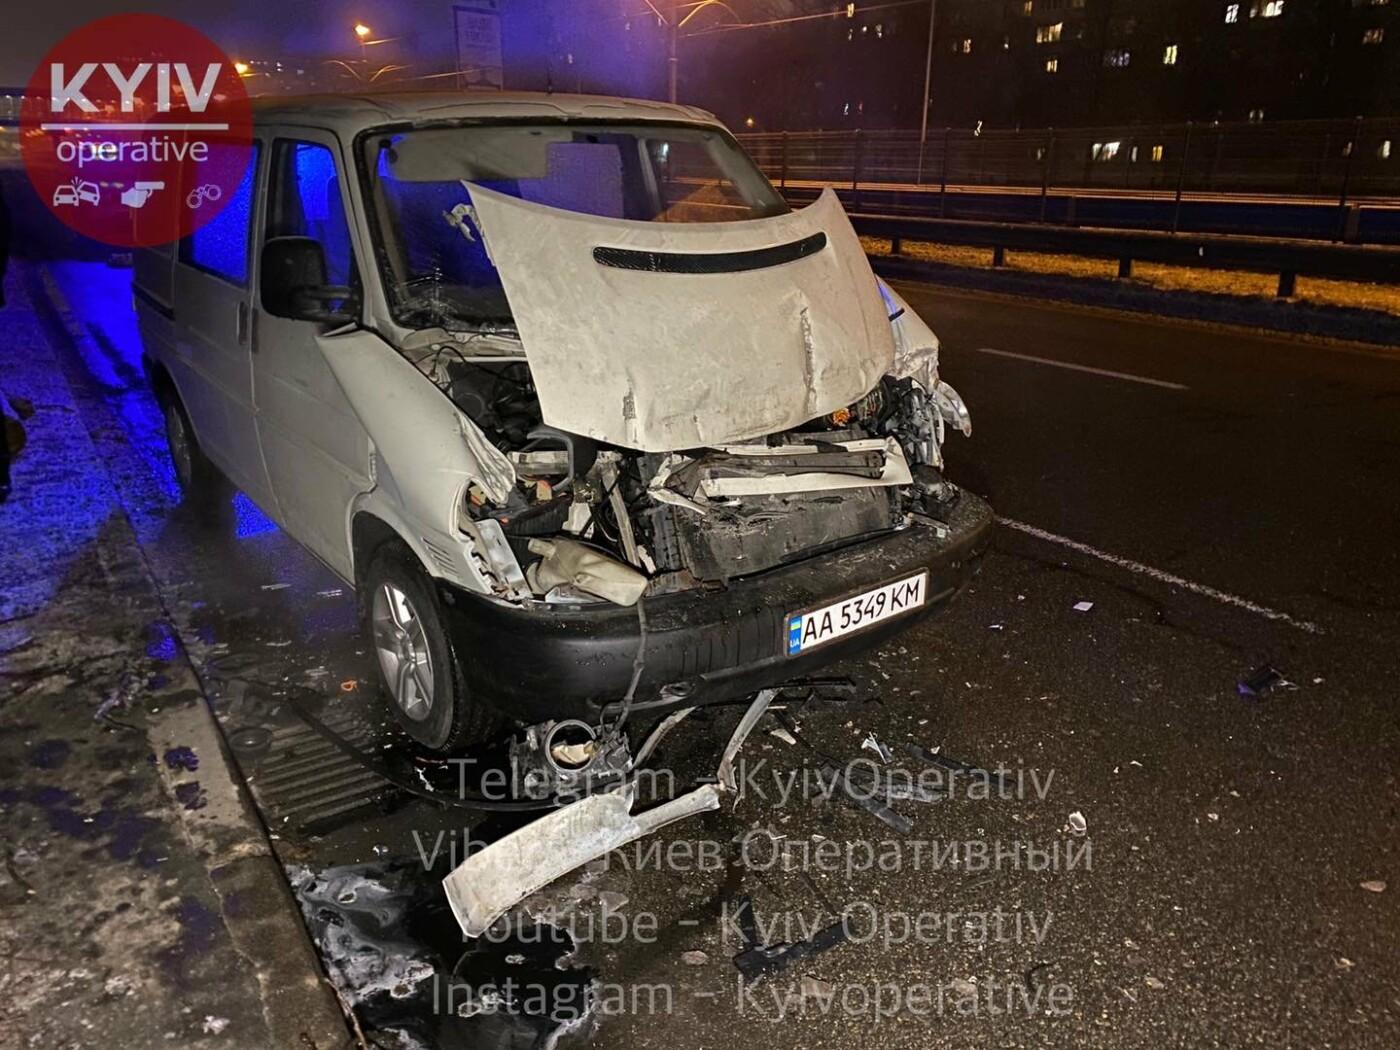 Пьяный водитель в Киеве устроил ДТП и начал отстреливаться от преследующих его свидетелей, Фото: Киев Оперативный